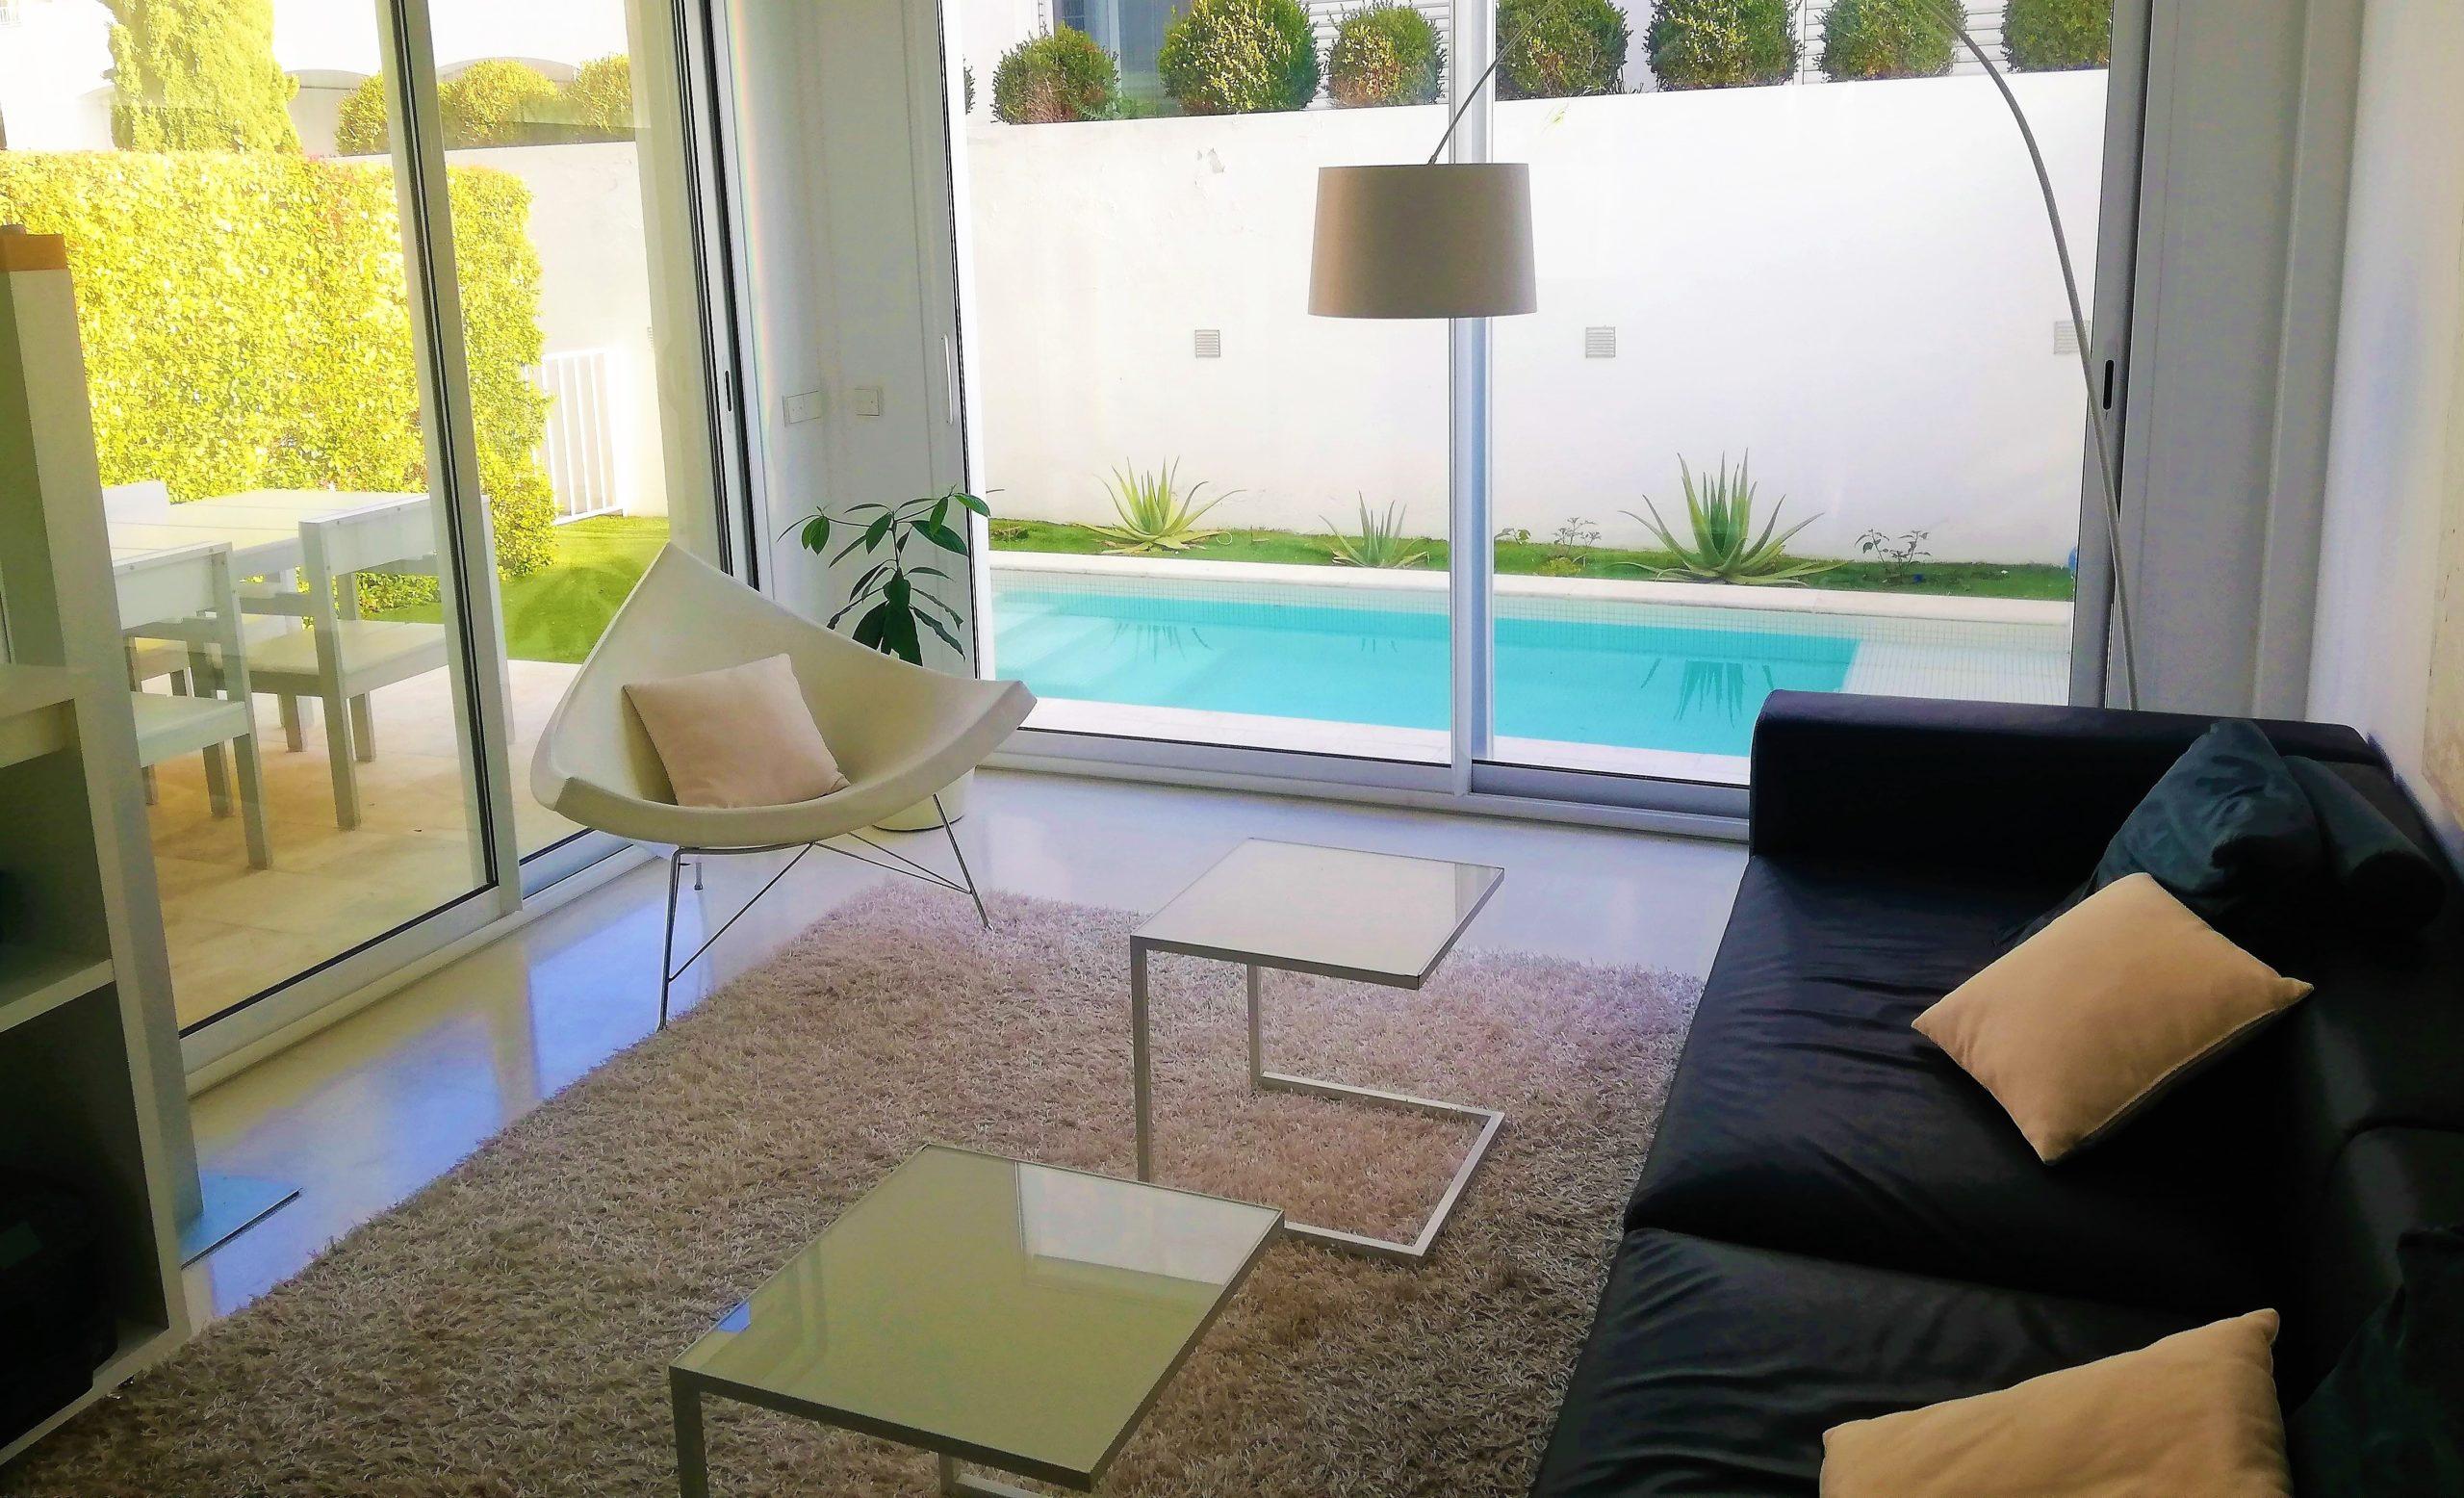 Fabulosa planta baja con jardín, piscina y terrazas en Porto Cristo. REF. 2014